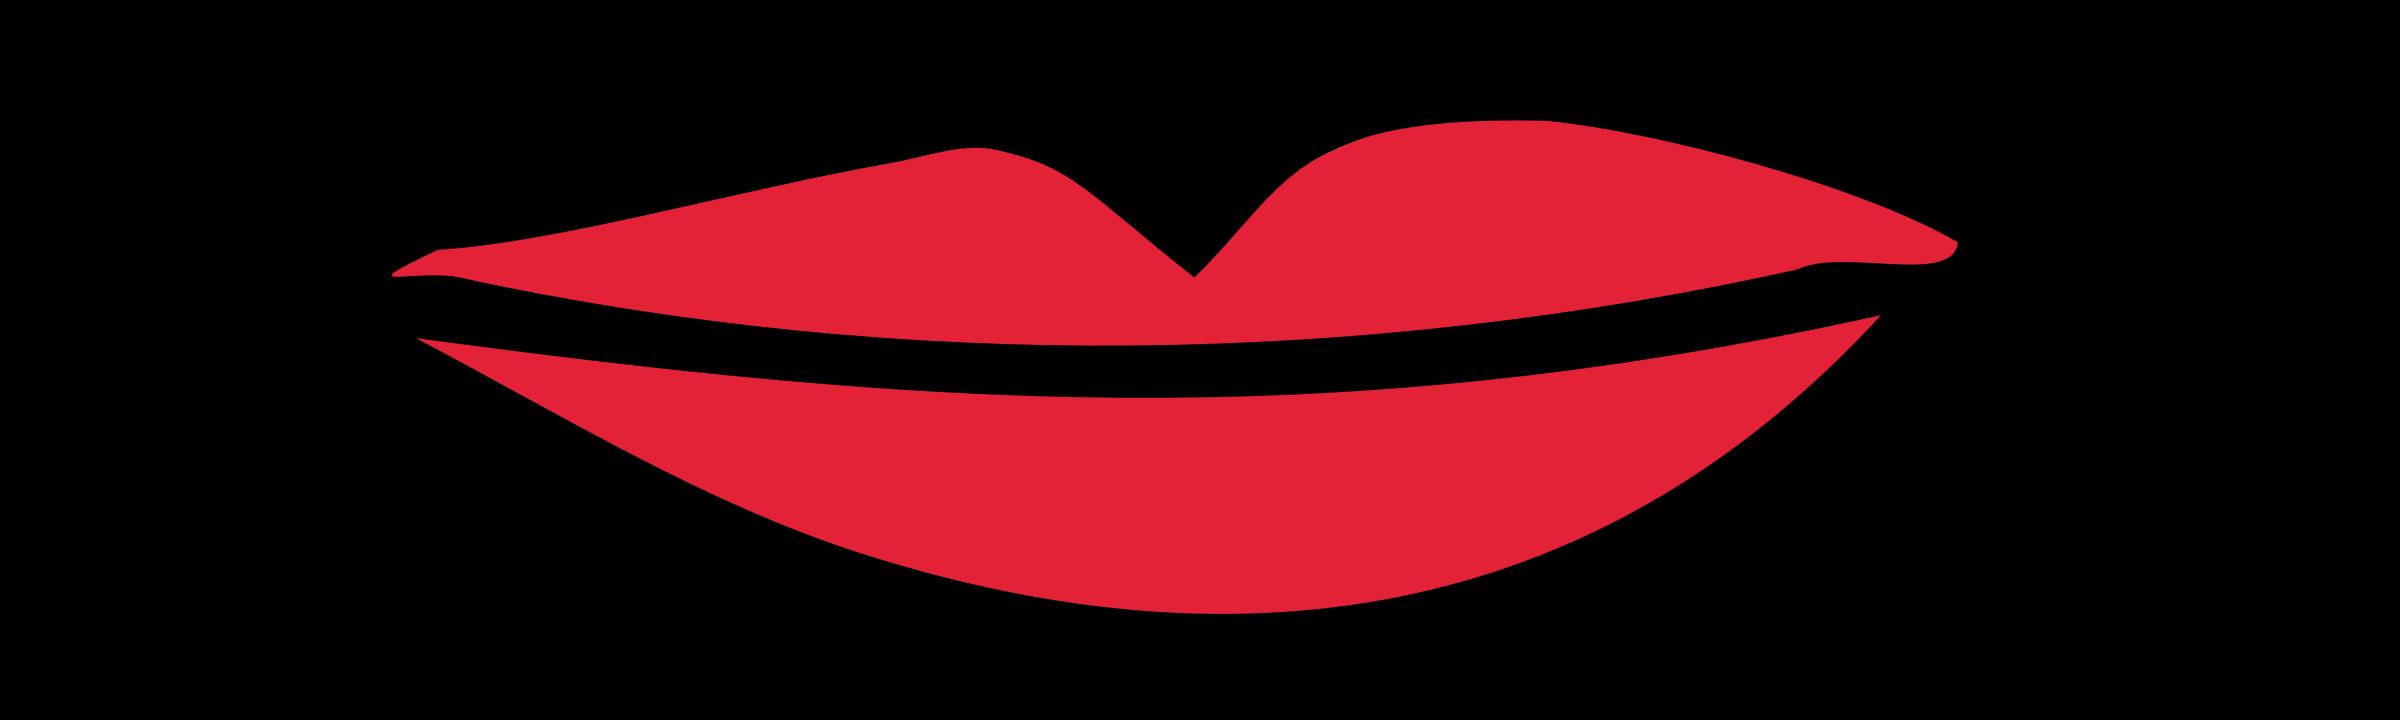 Free smiling lips.